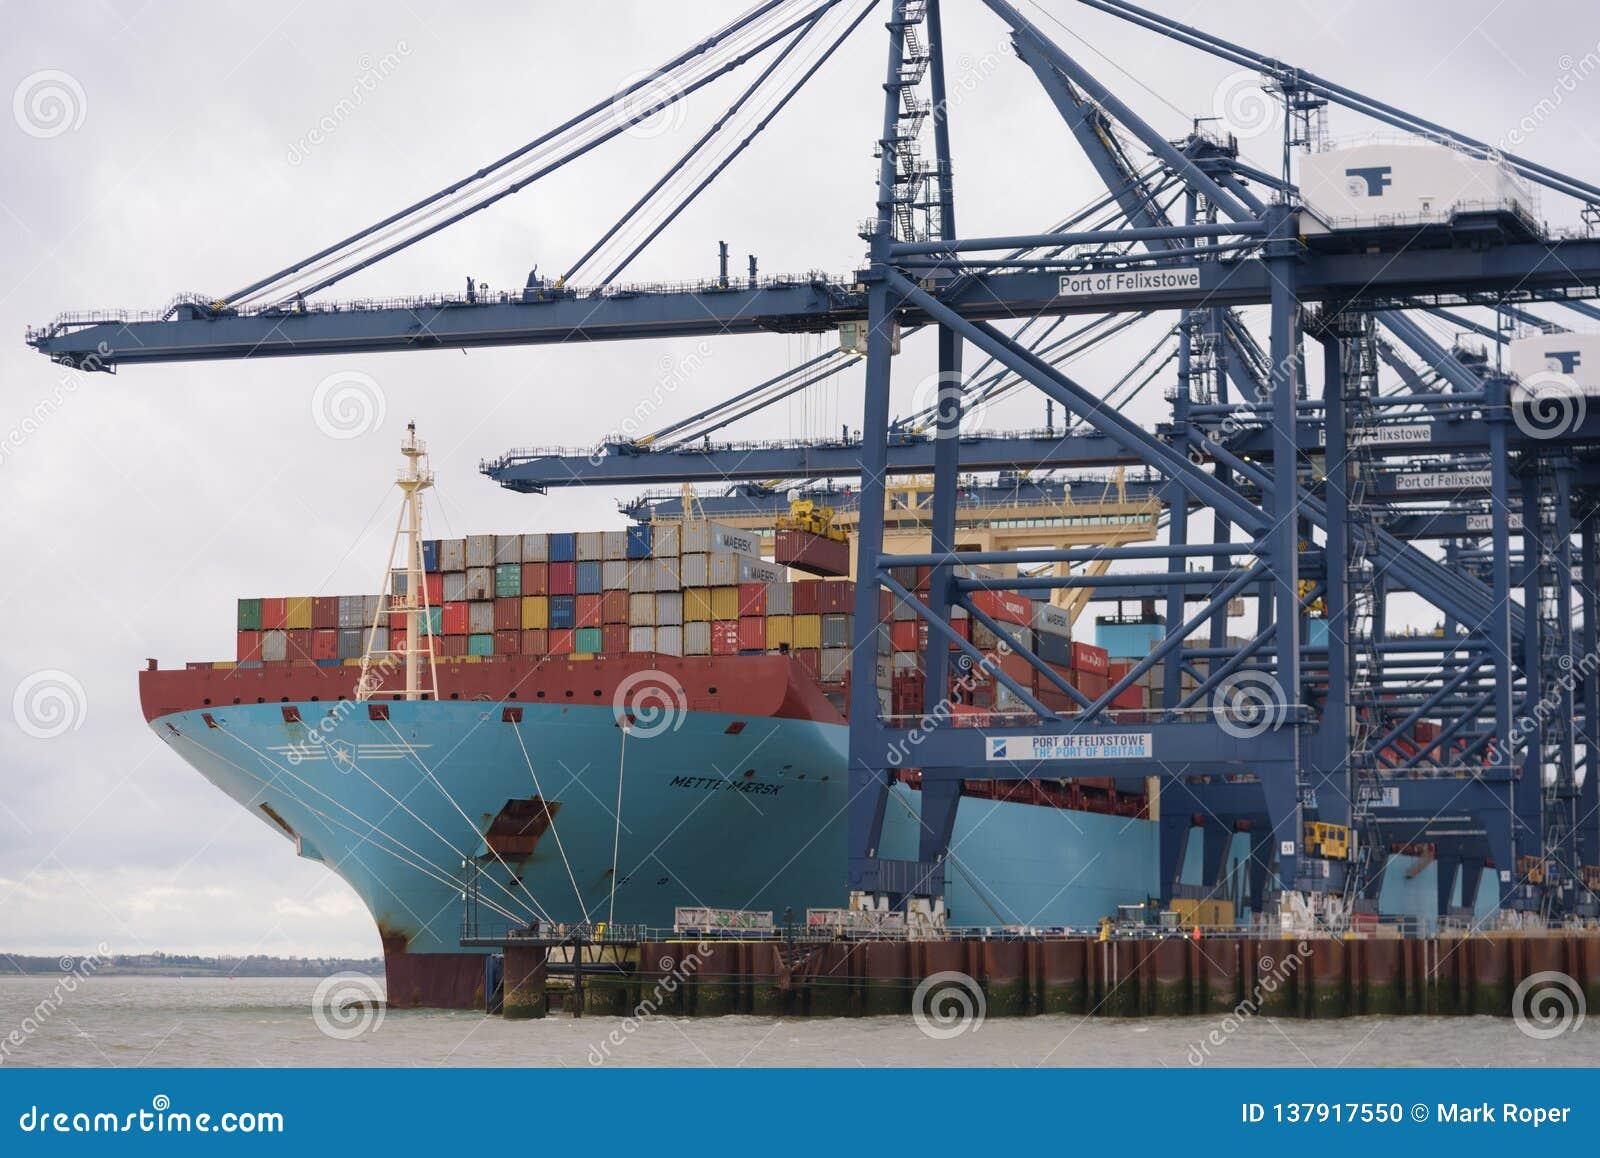 FELIXSTOWE, REGNO UNITO - 29 DICEMBRE 2018: Linea nave porta-container Mette Maersk di Maersk che ha contenitori caricati al port